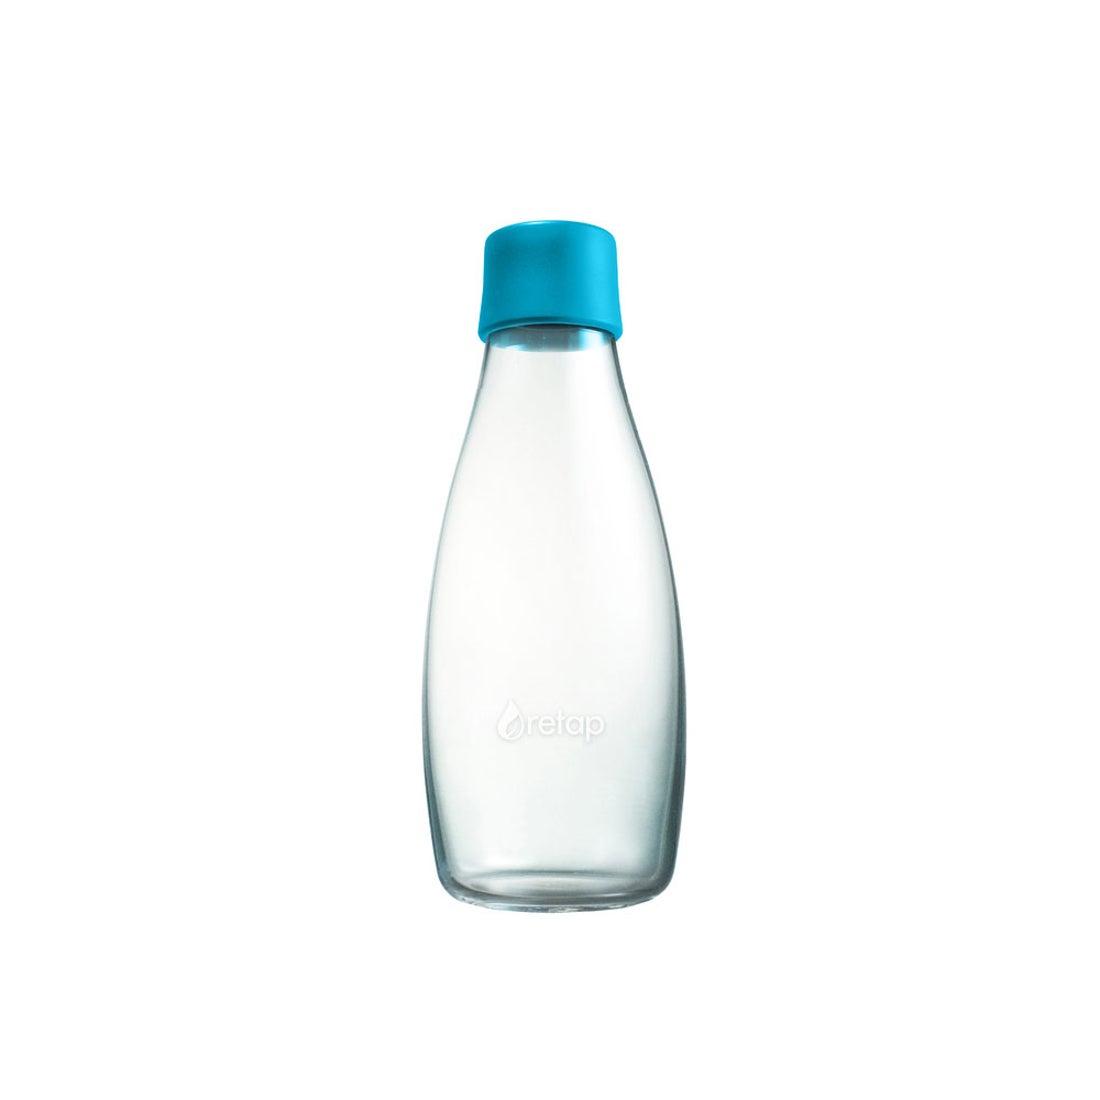 ノーブランド No Brand retapbottle05 リタップボトル 500ml (ライトブルー)